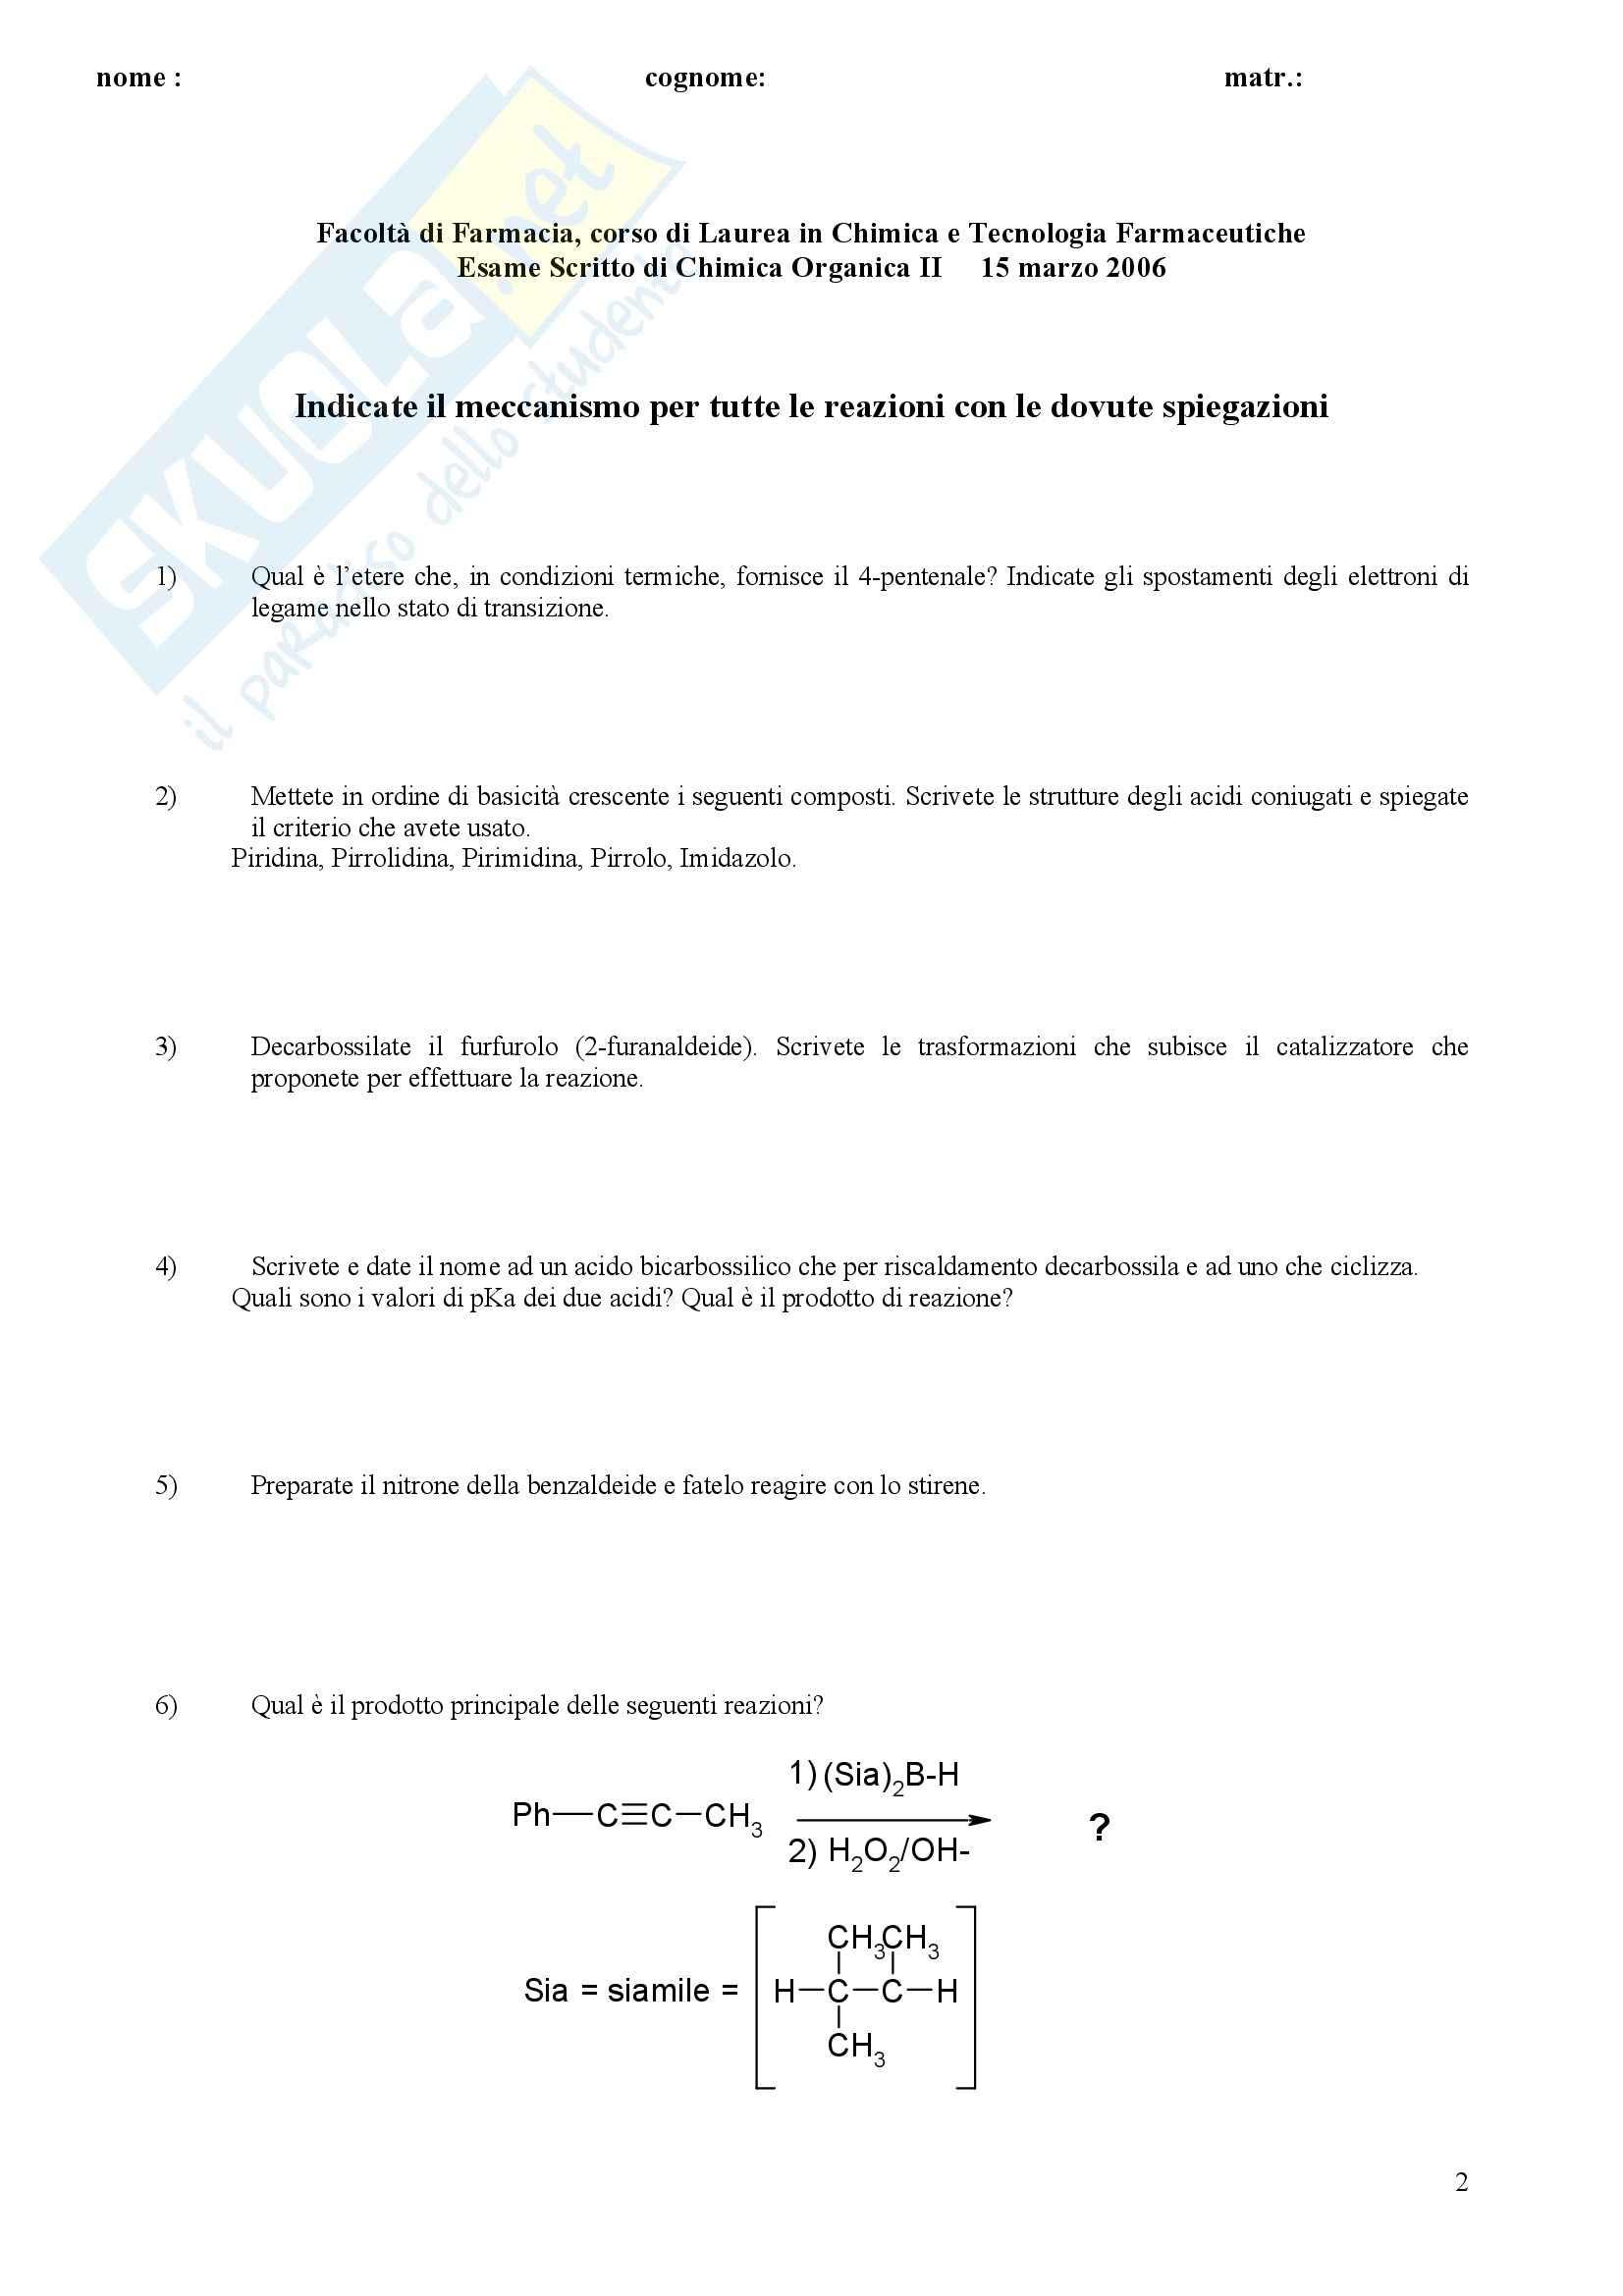 Chimica organica II - Esercizi Pag. 2